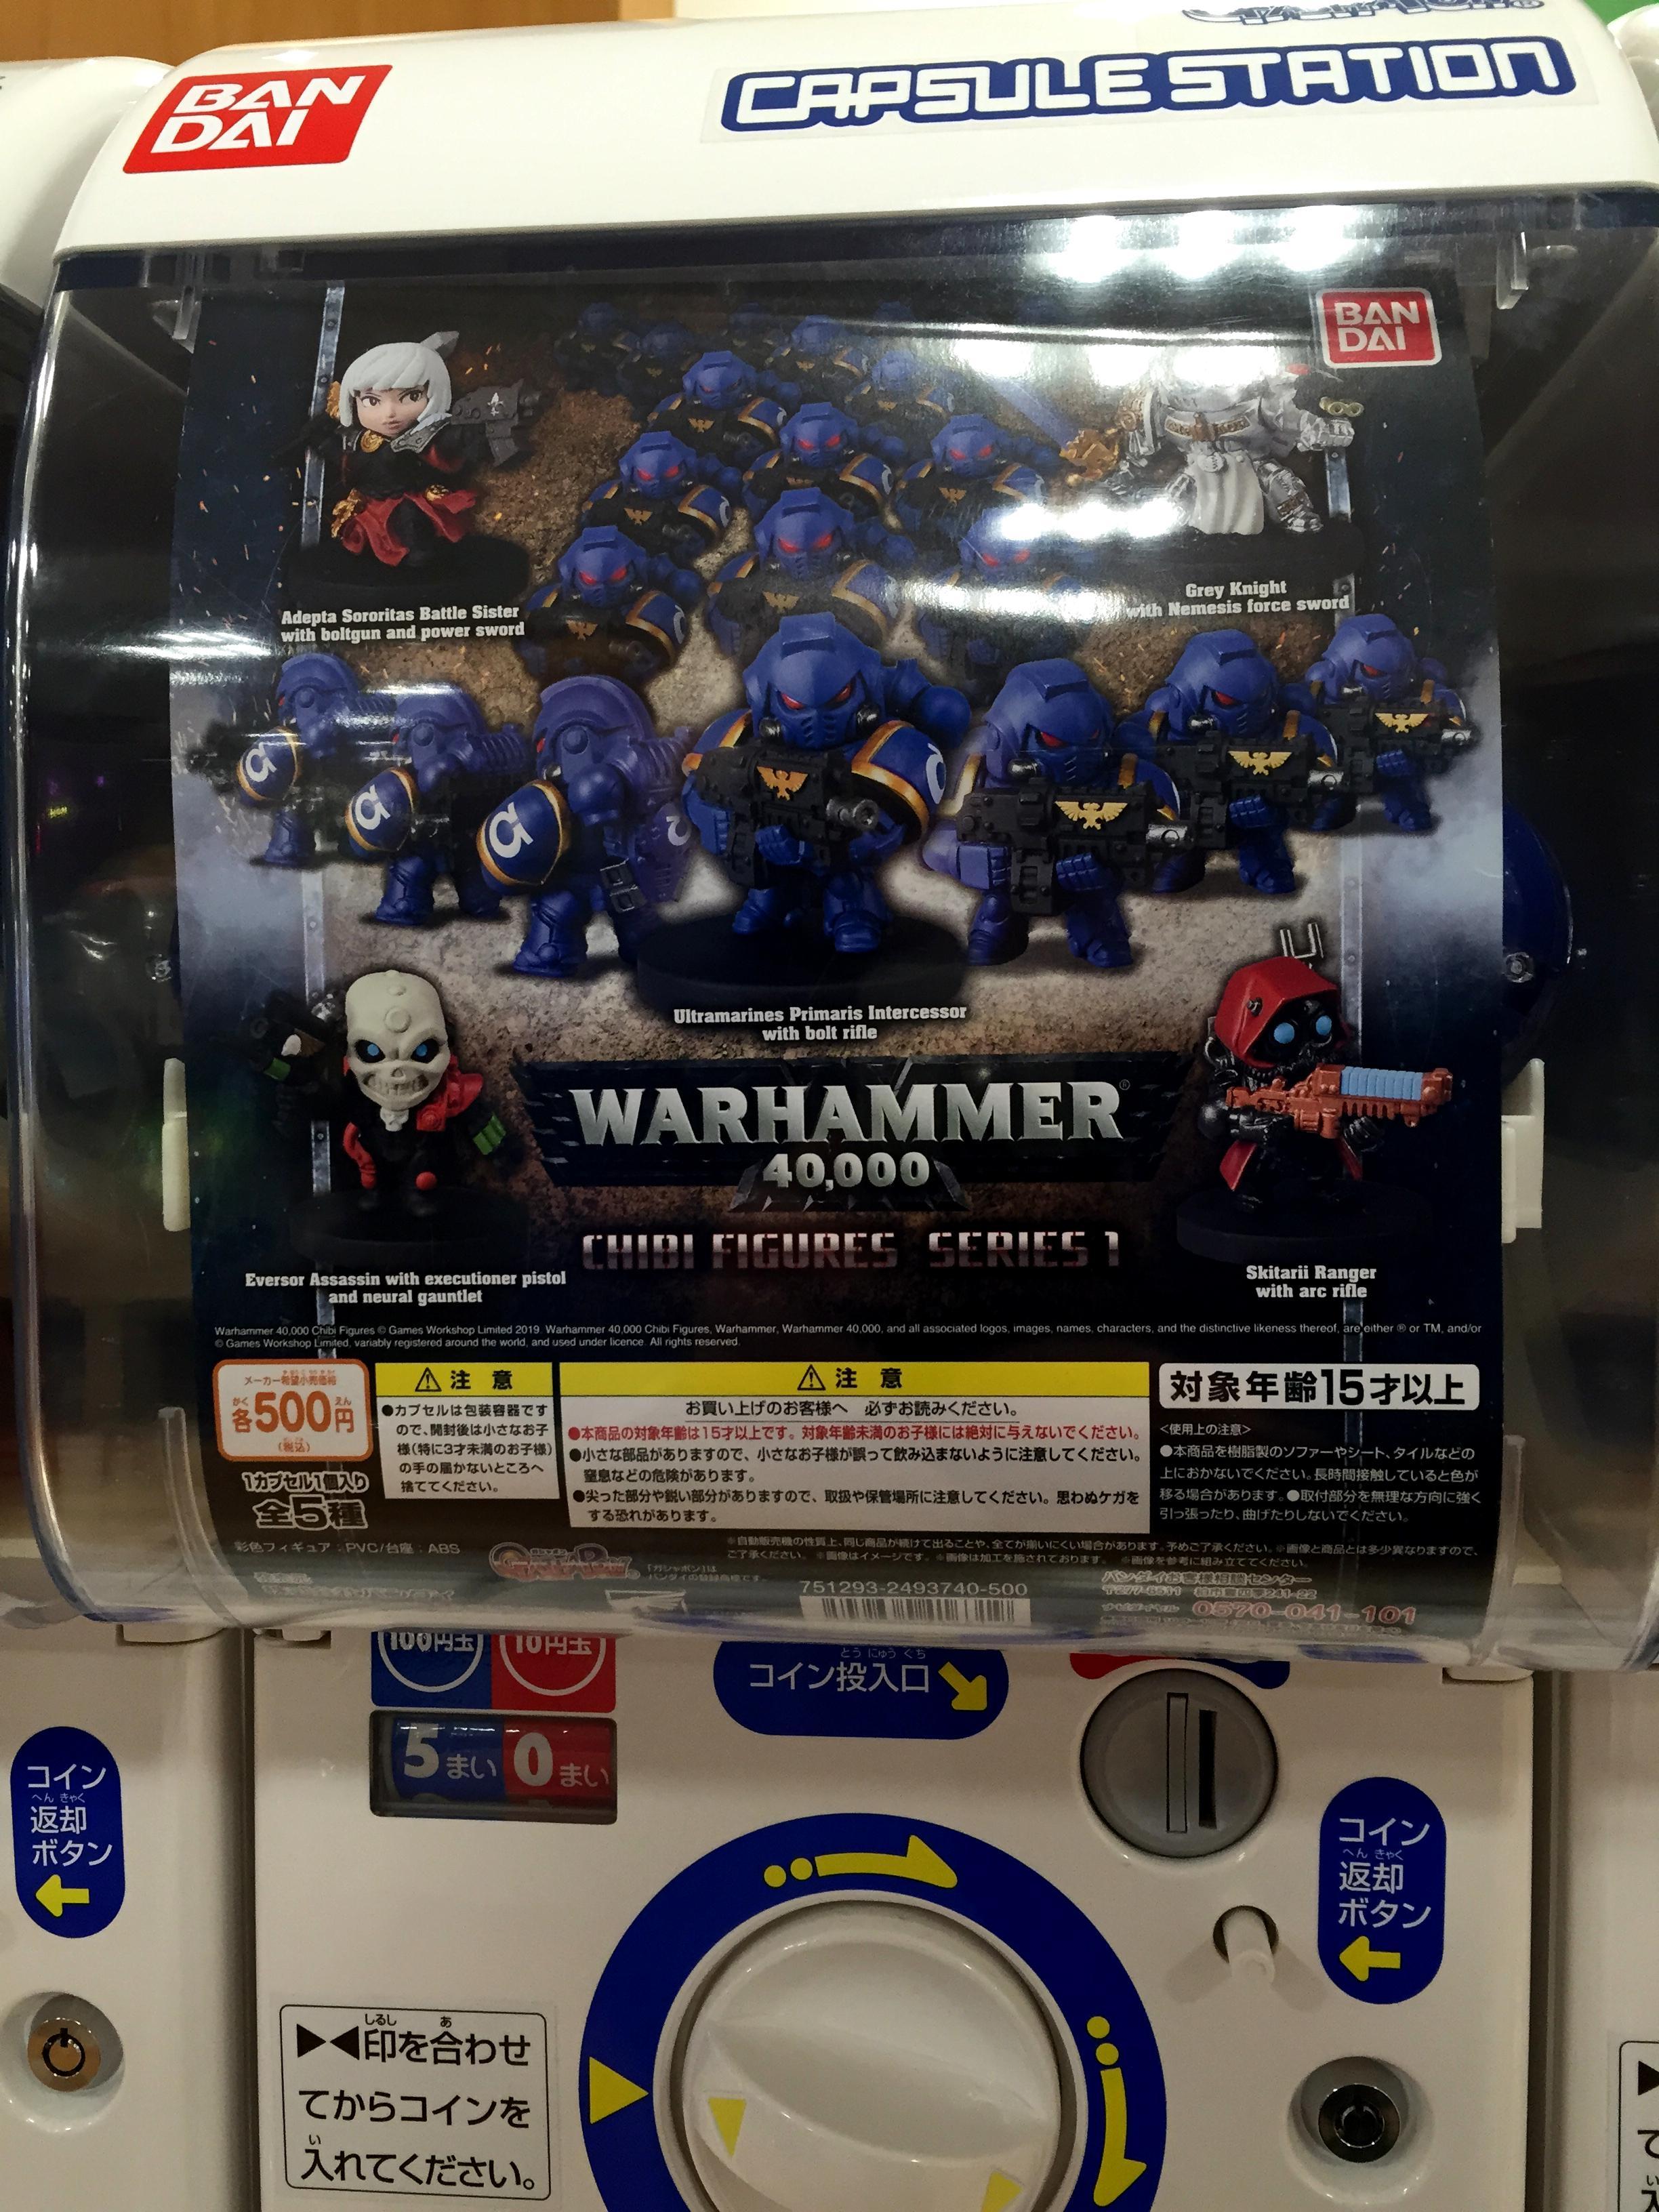 Bandai, Chibi, Gahapon, Japanese, Warhammer 40,000, Warhammer Fantasy